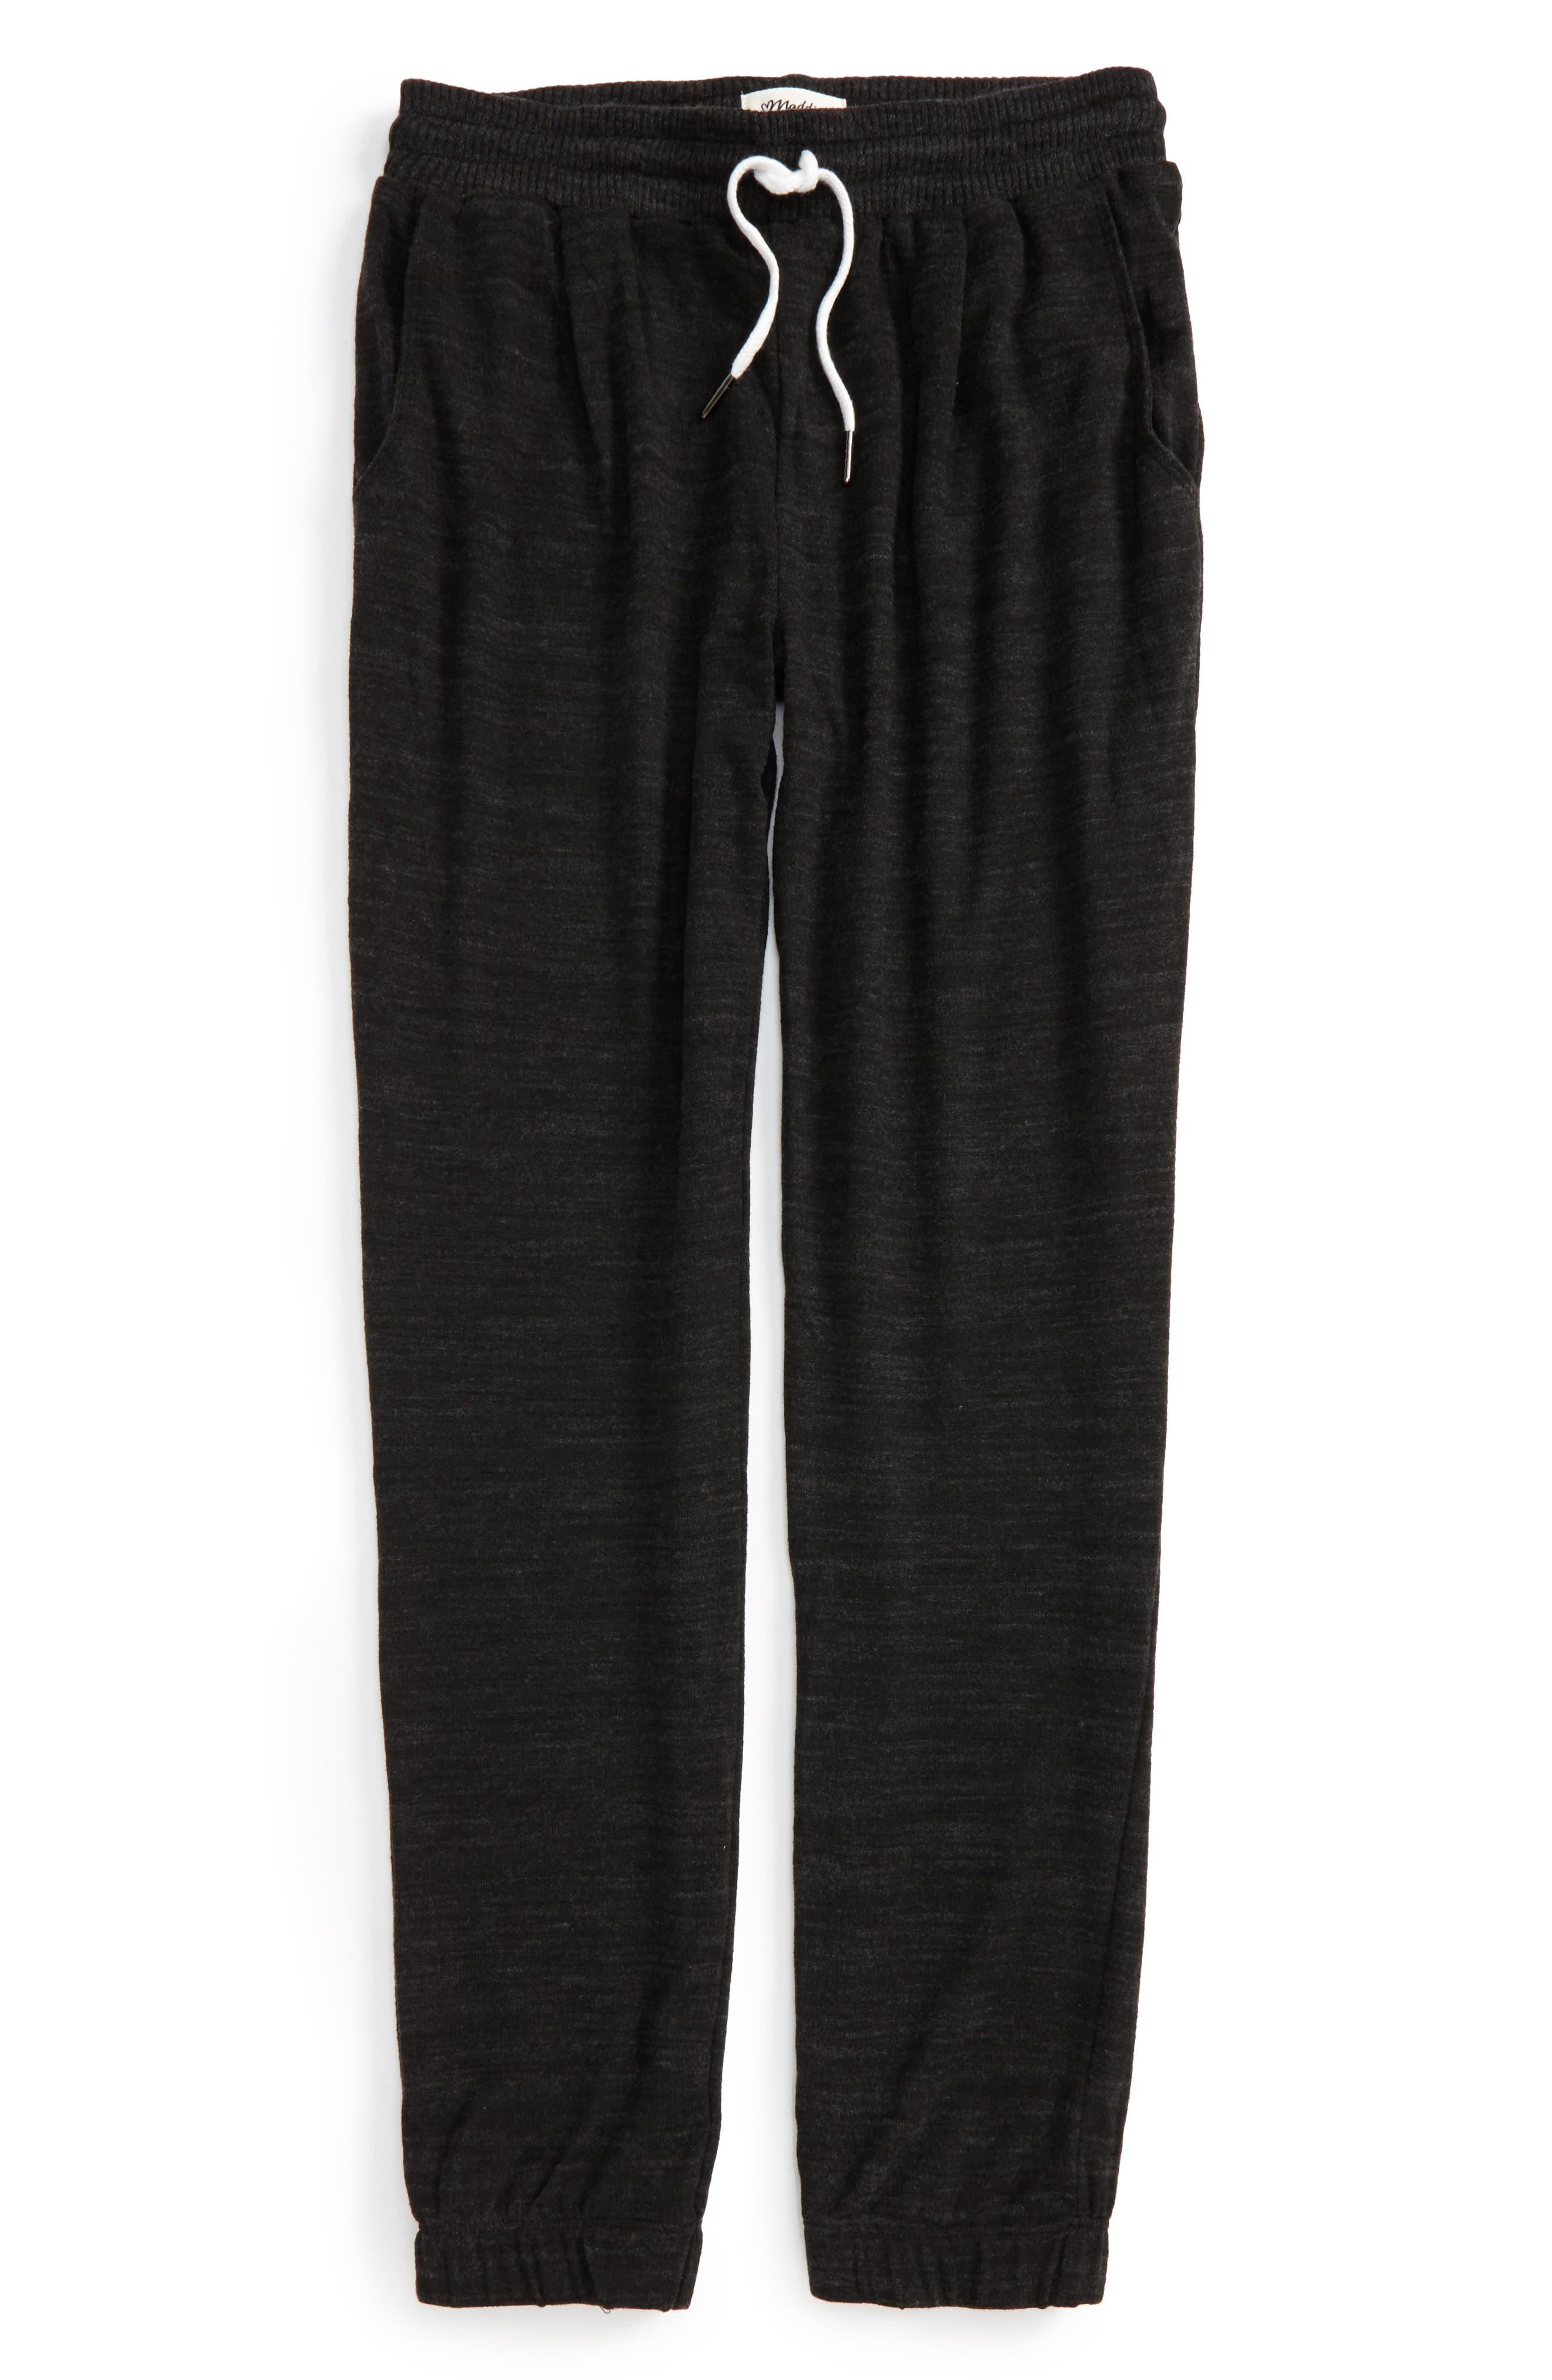 MADDIE Knit Jogger Pants